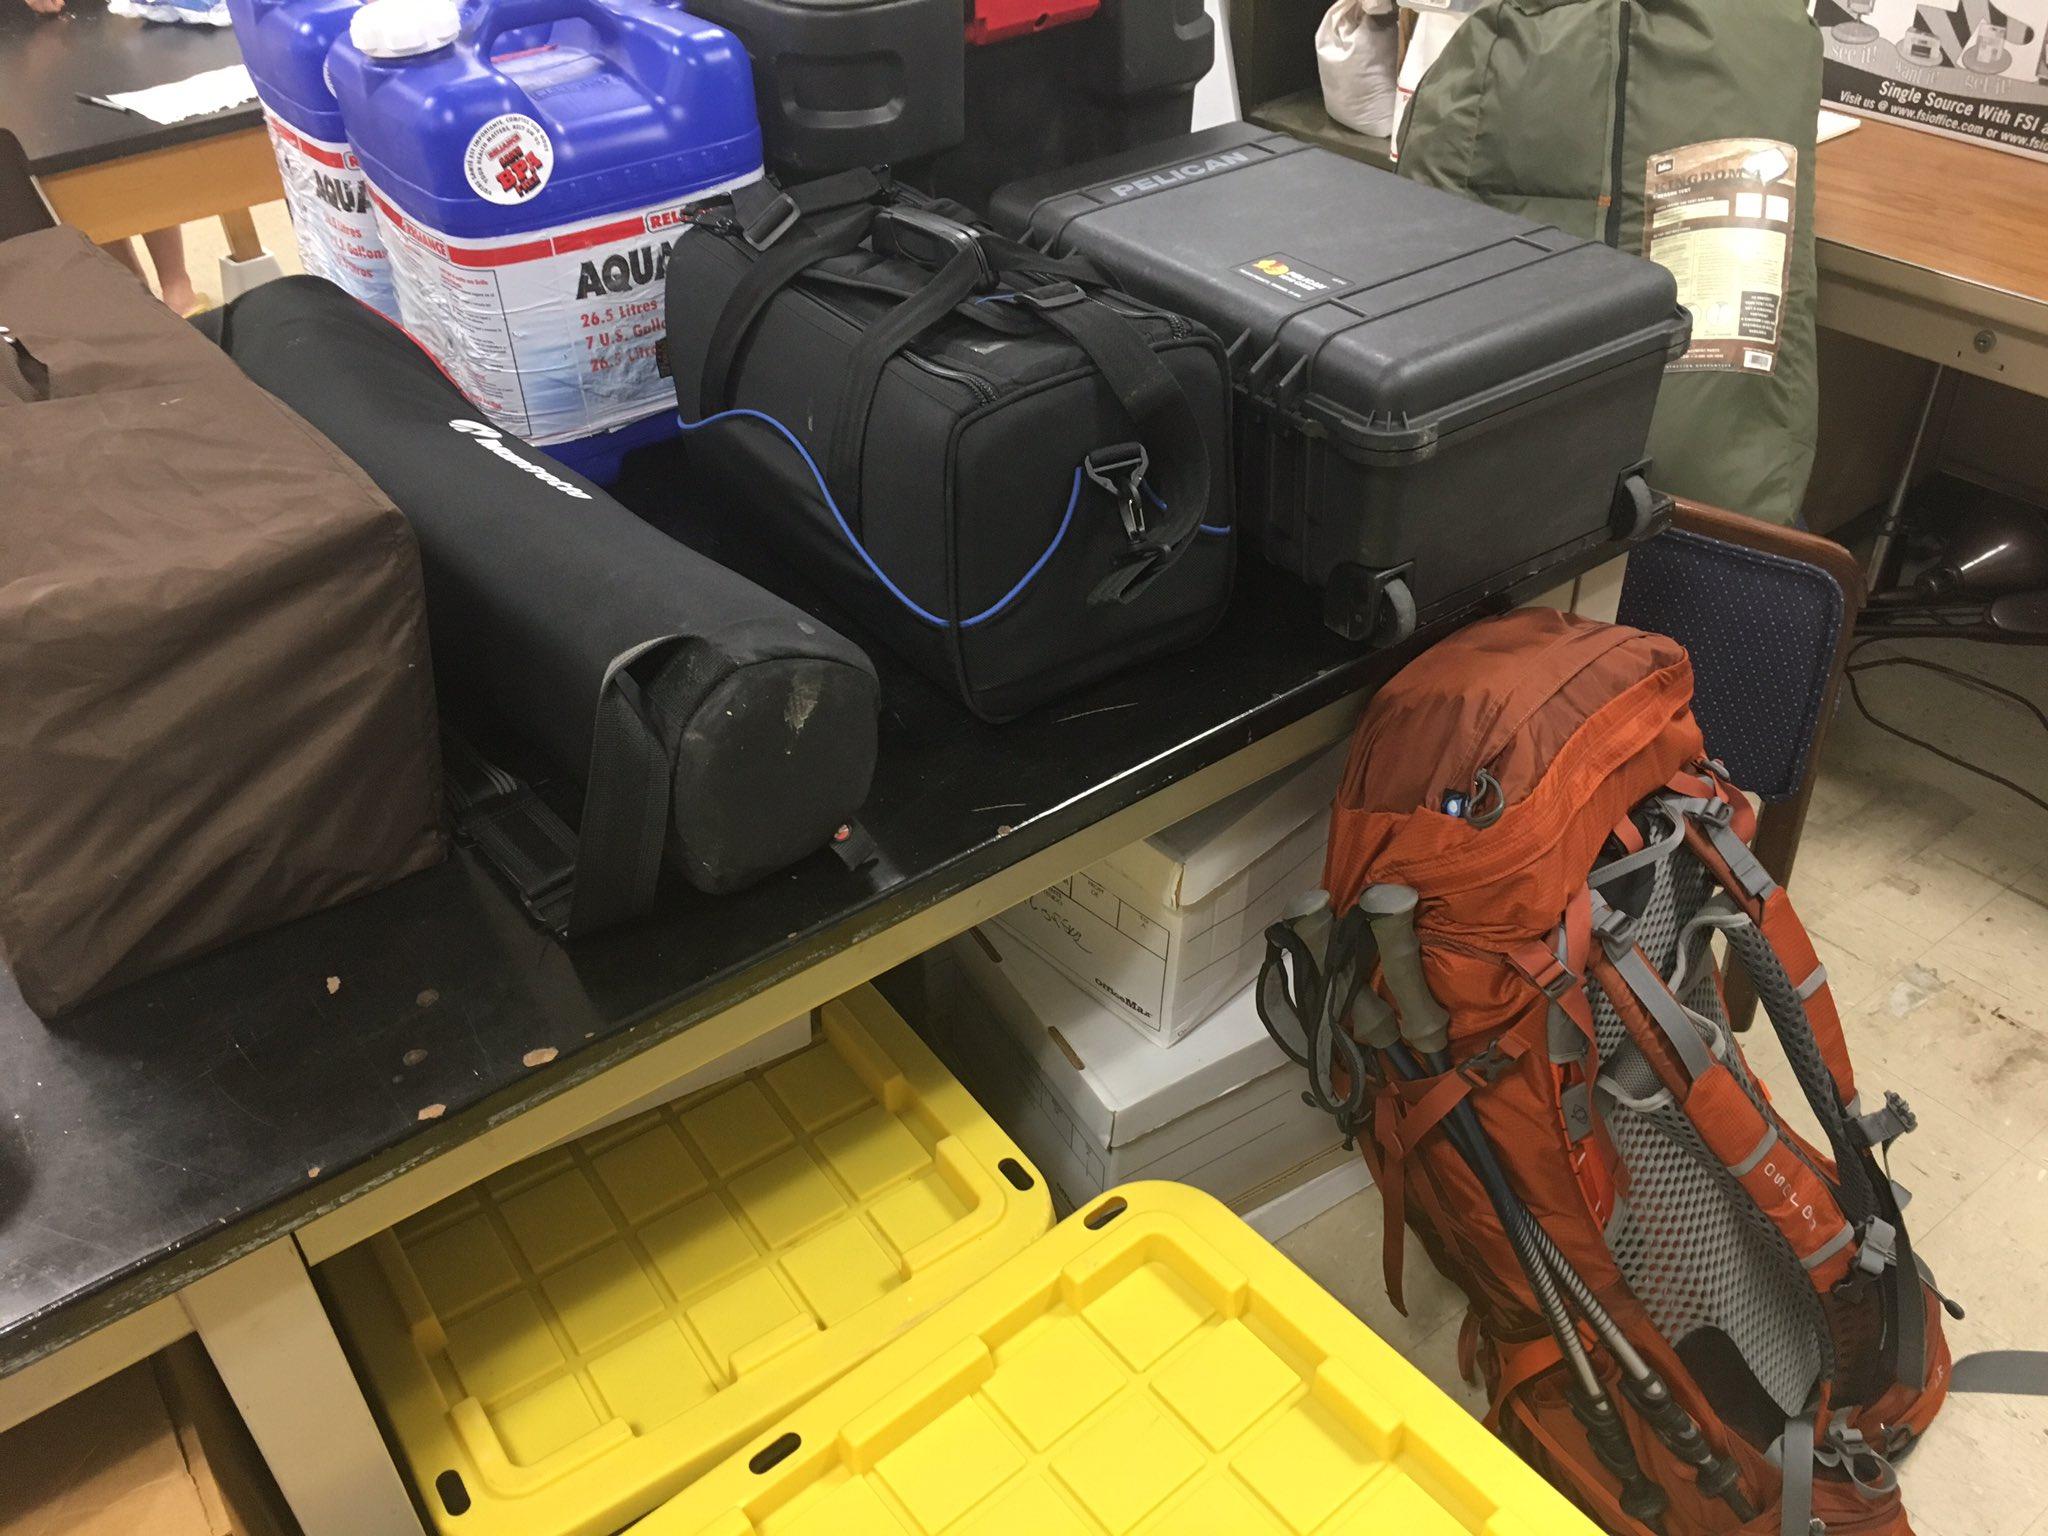 #packing #VTTriassicFieldwork #wewillmakeitfit #theresstillsomuchmore #2daystilfieldwork https://t.co/Jlvlb8PSDr